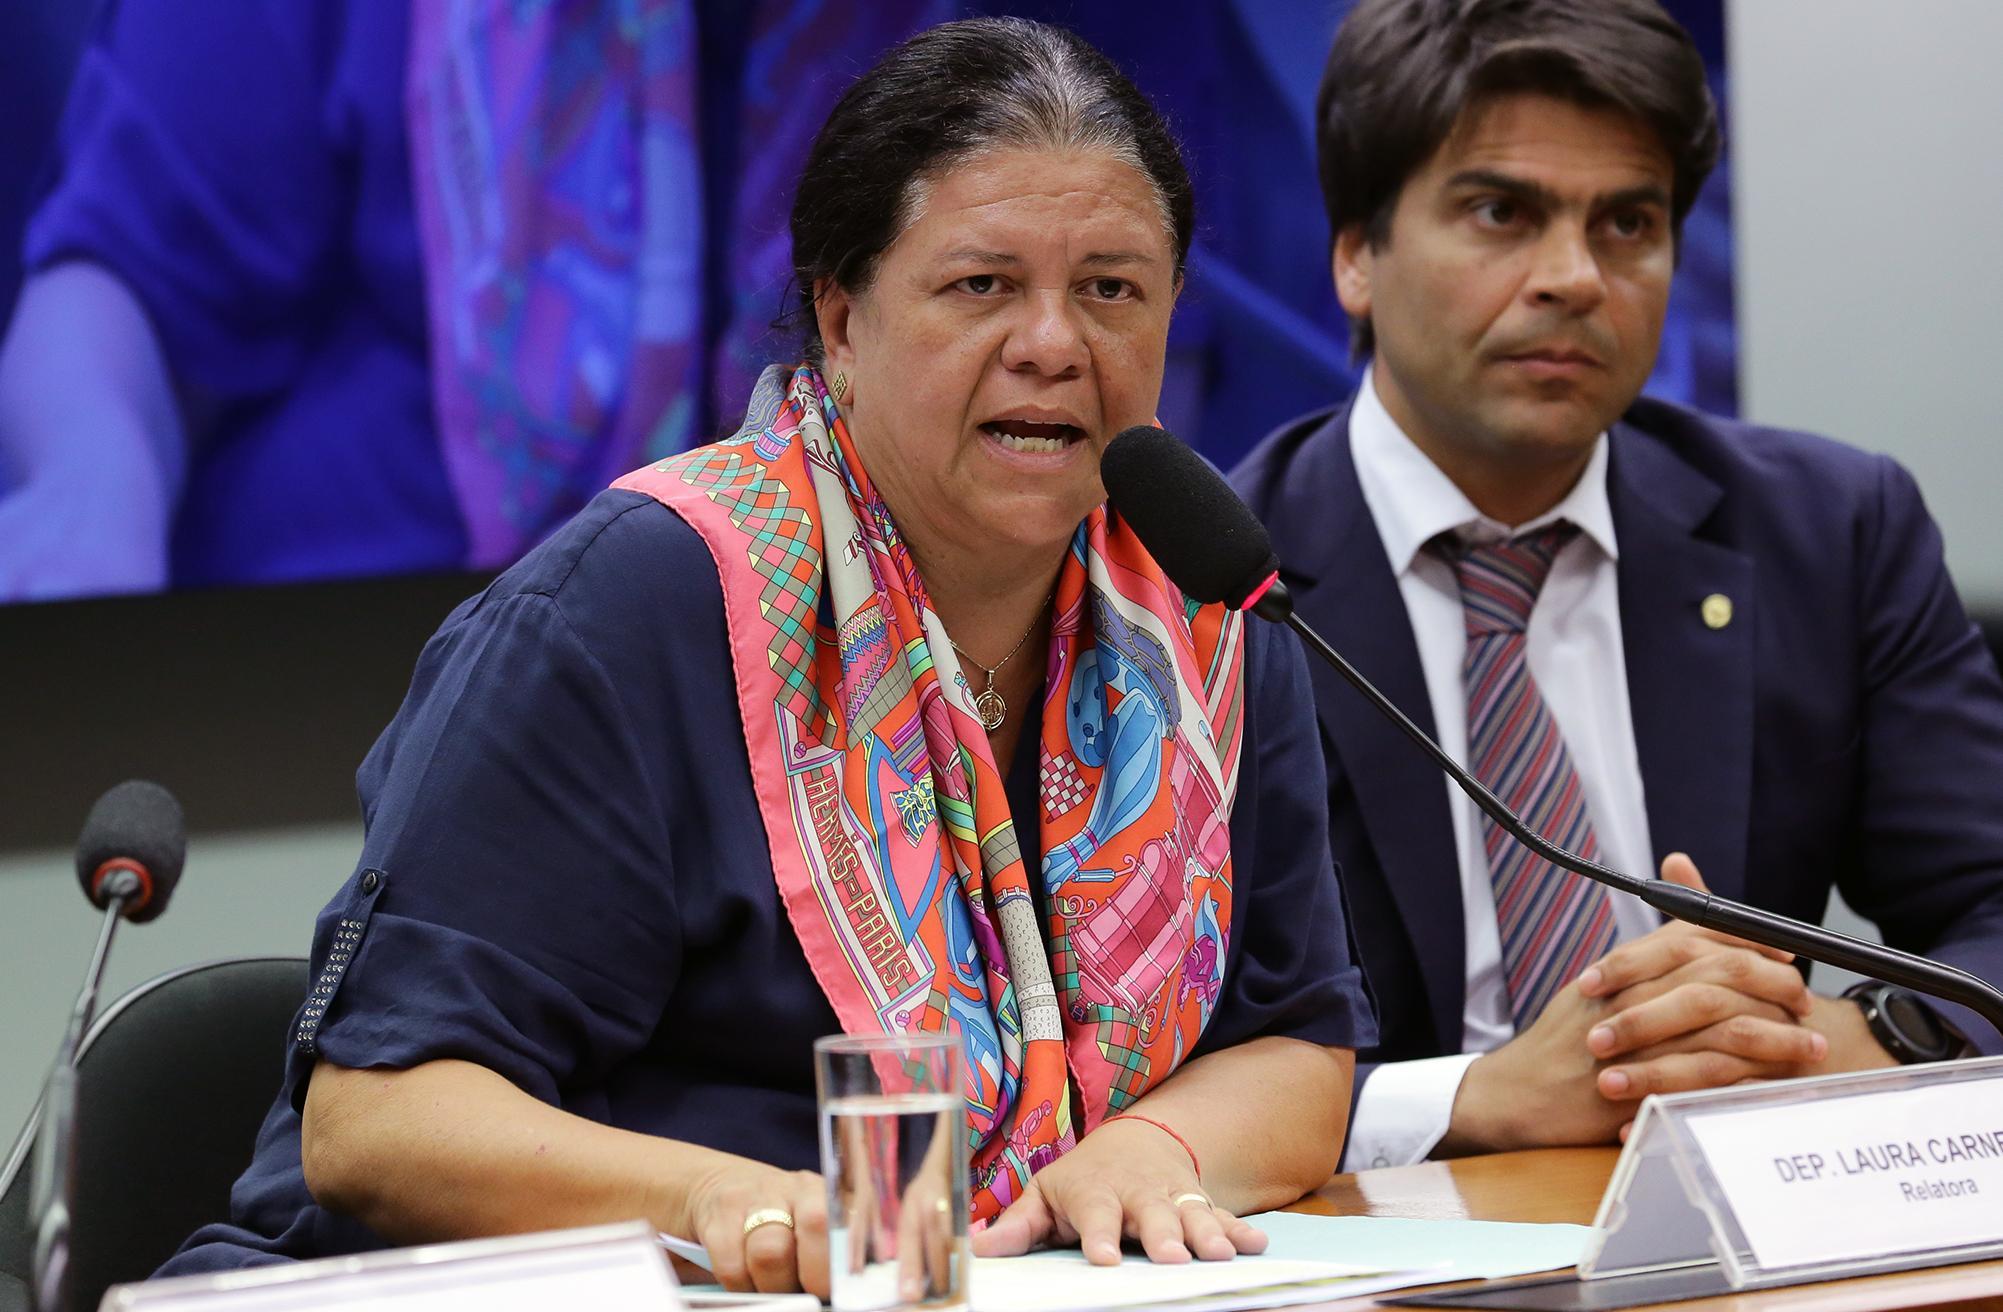 Audiência pública sobre o orçamento da segurança pública no Estado do Rio de Janeiro. Dep. Laura Carneiro (DEM - RJ)